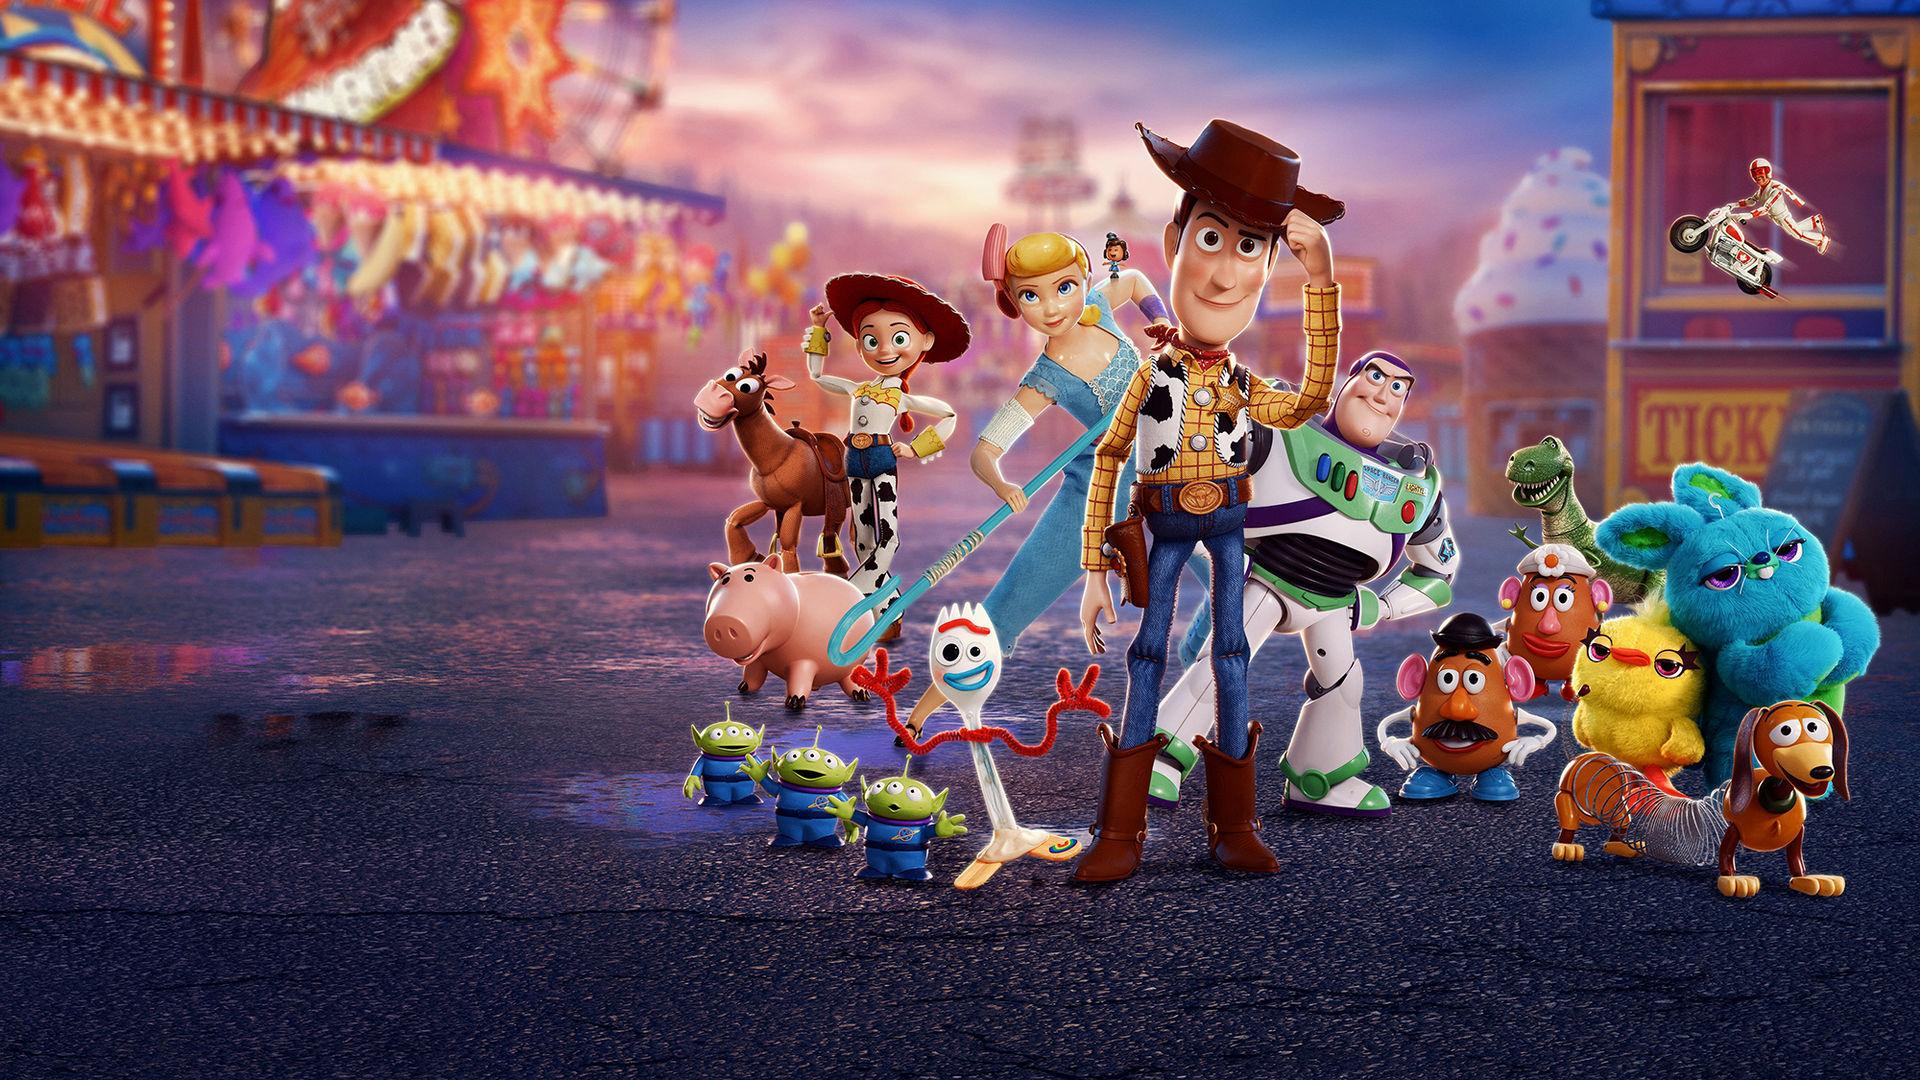 Pionjärer från Pixar vinner årets Turingpris